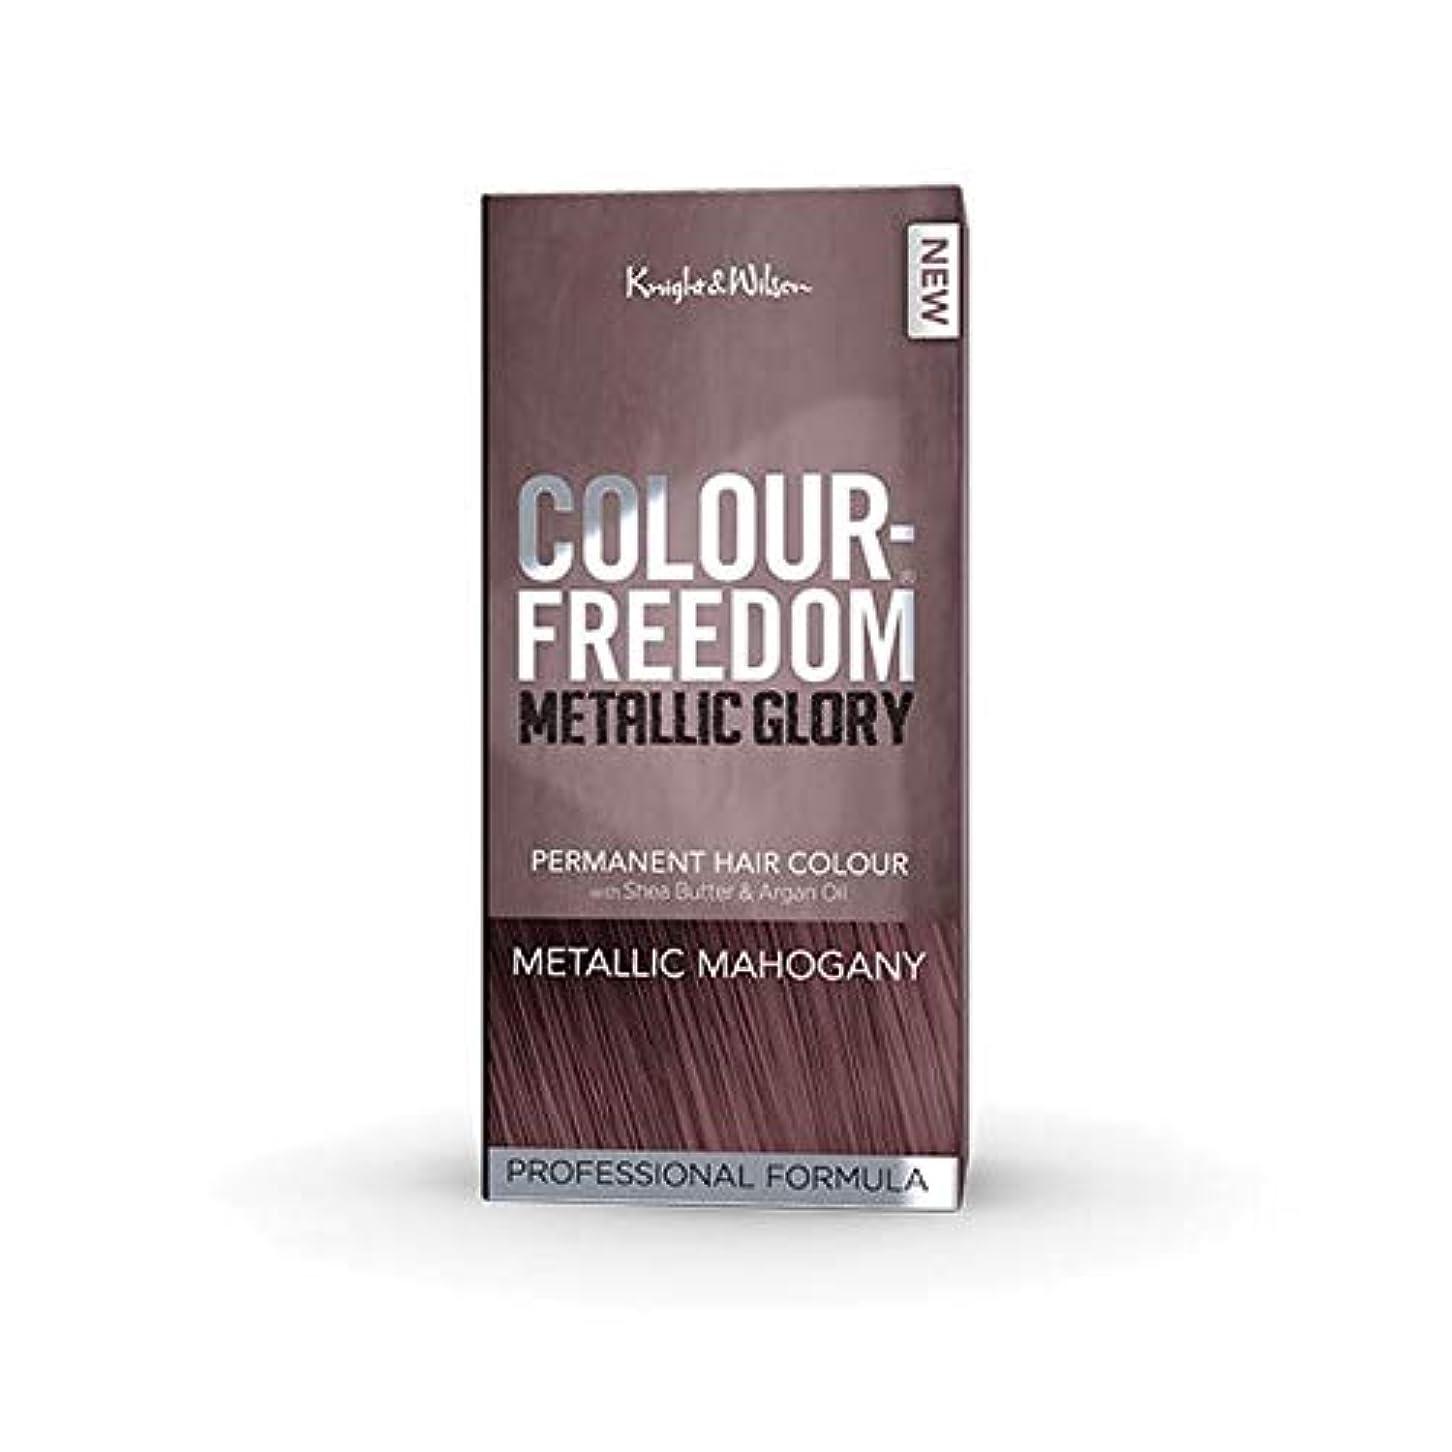 曲線トランクバーマド[Colour Freedom ] カラー自由メタリック栄光金属マホガニー - Colour Freedom Metallic Glory Metallic Mahogany [並行輸入品]